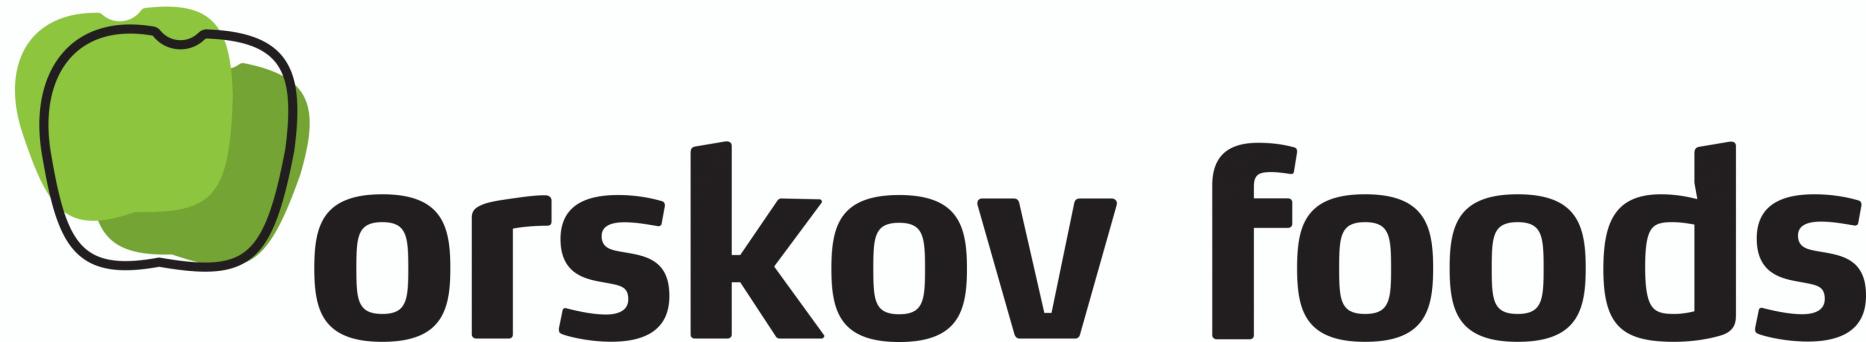 Orskov Foods S.A.